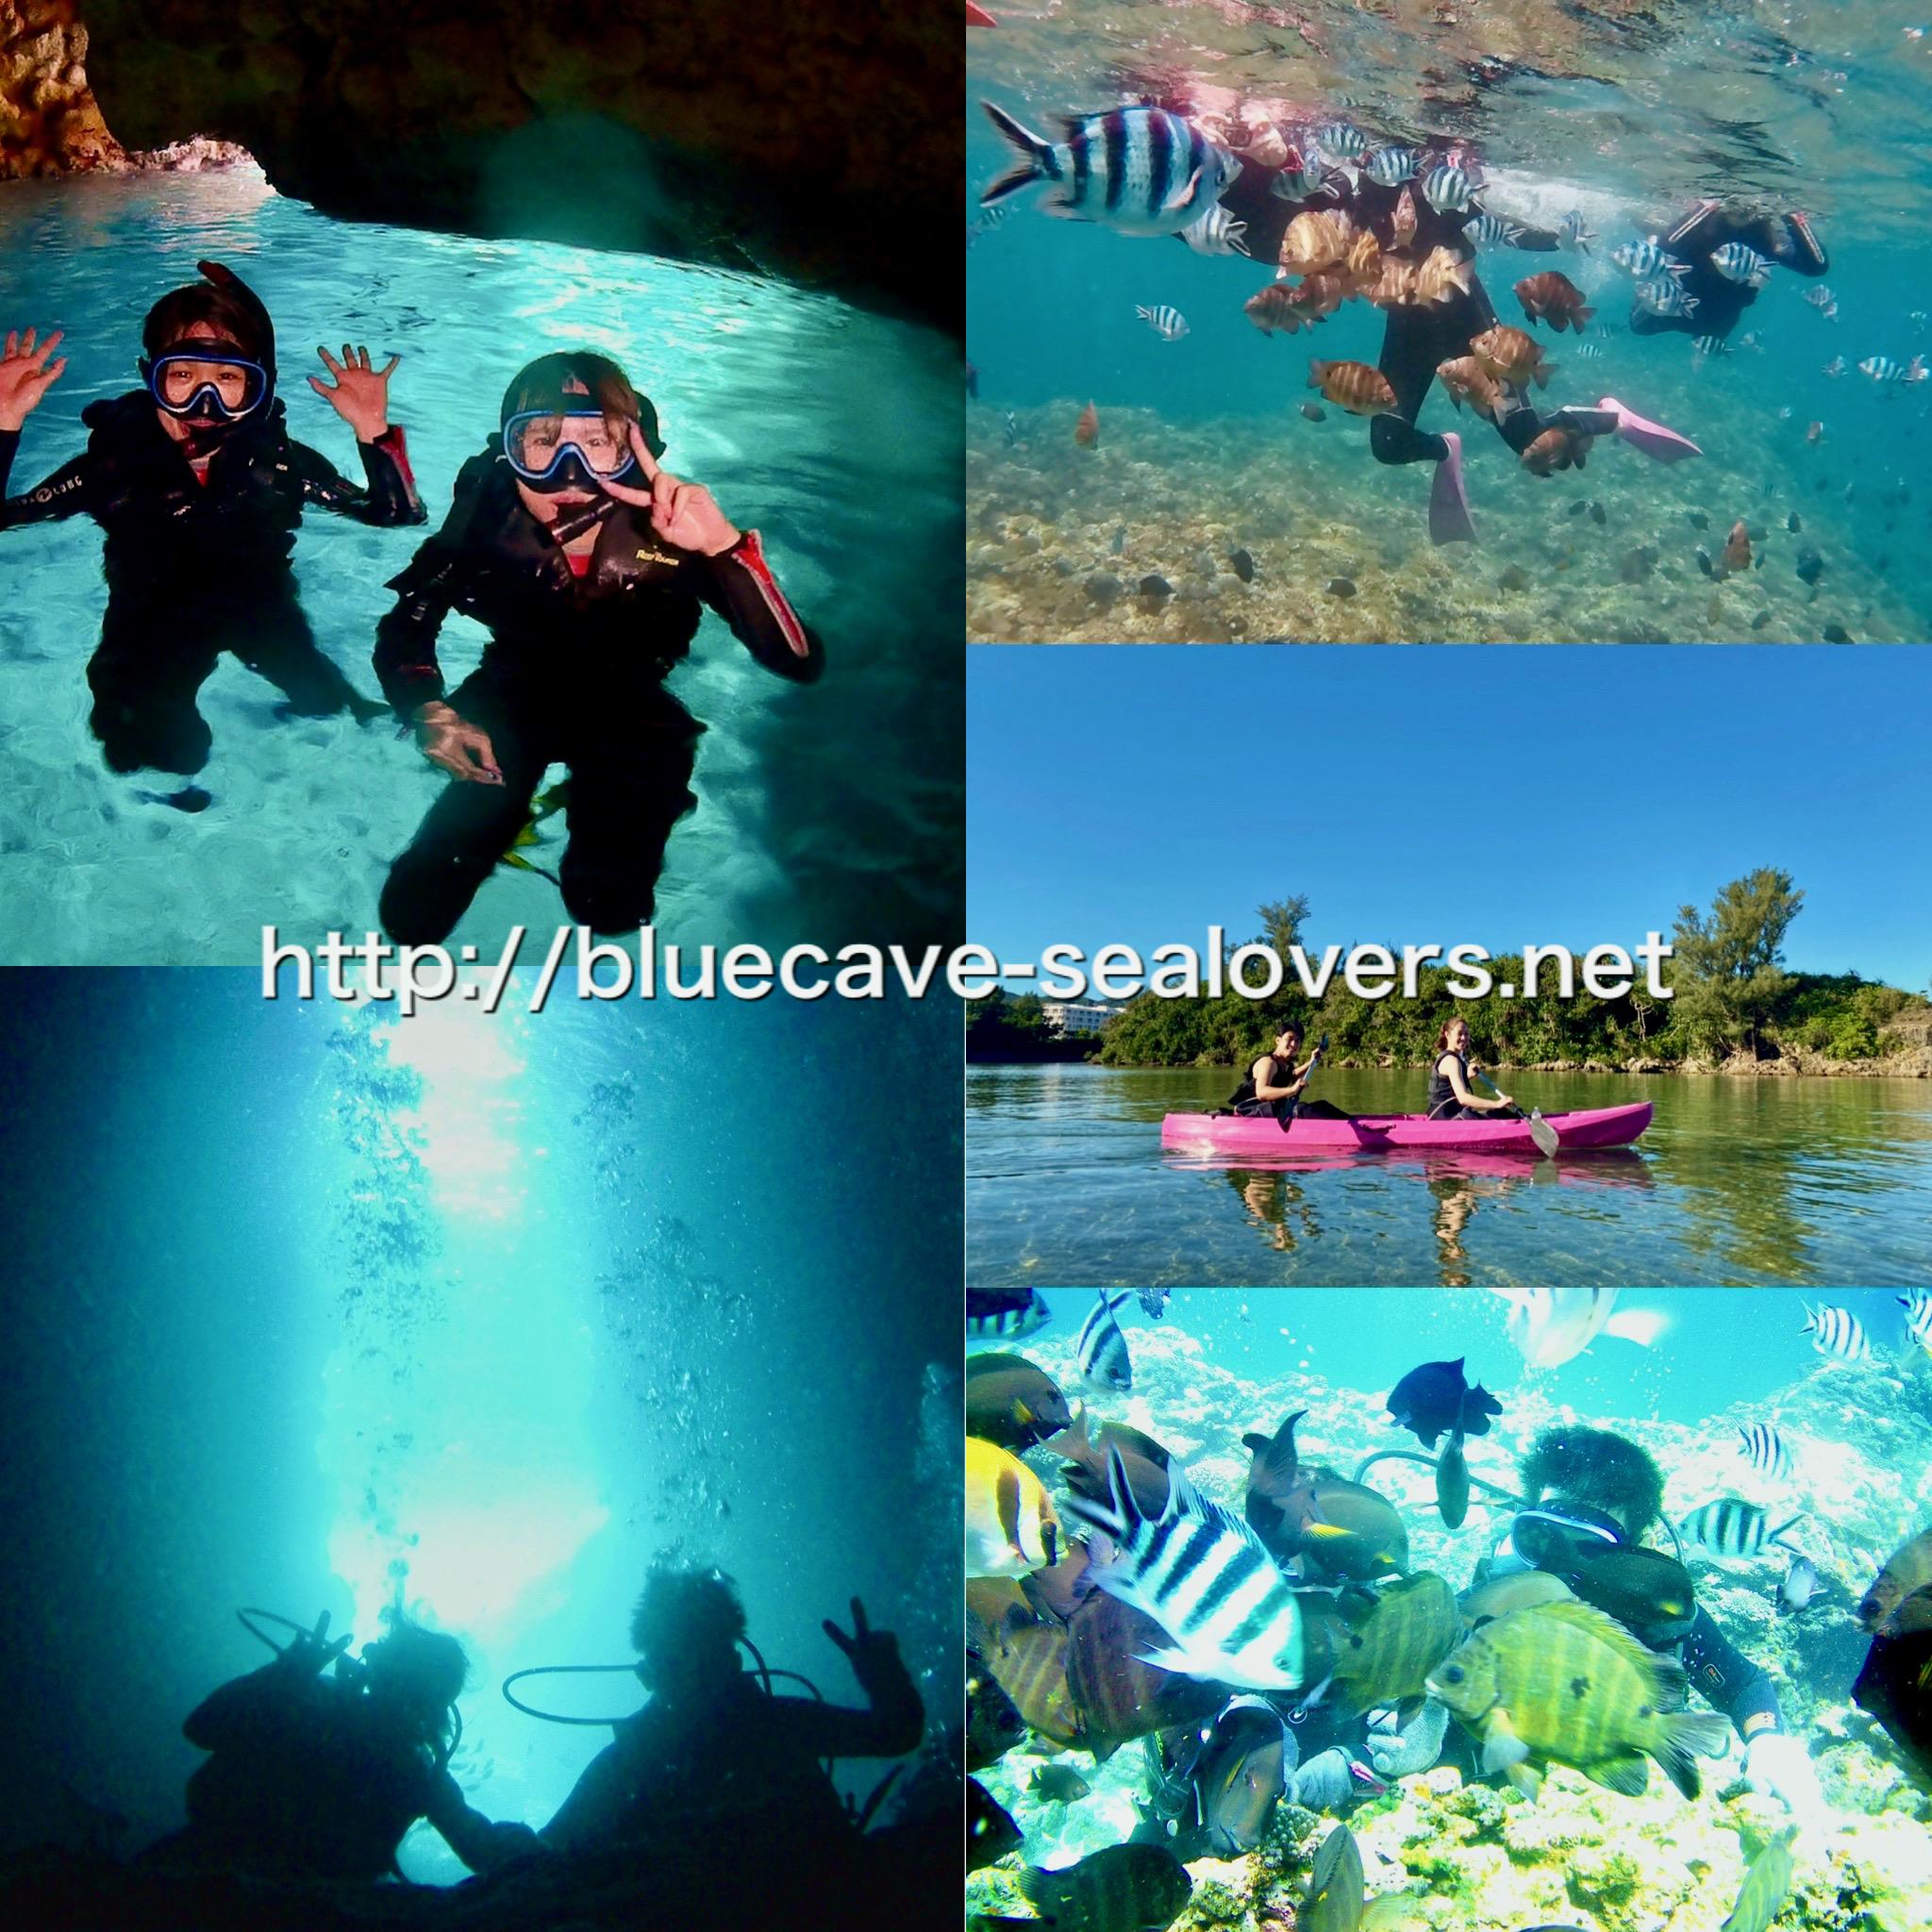 青の洞窟ボート体験ダイビング 青の洞窟ボートシュノーケリング シーカヤック&シュノーケリング